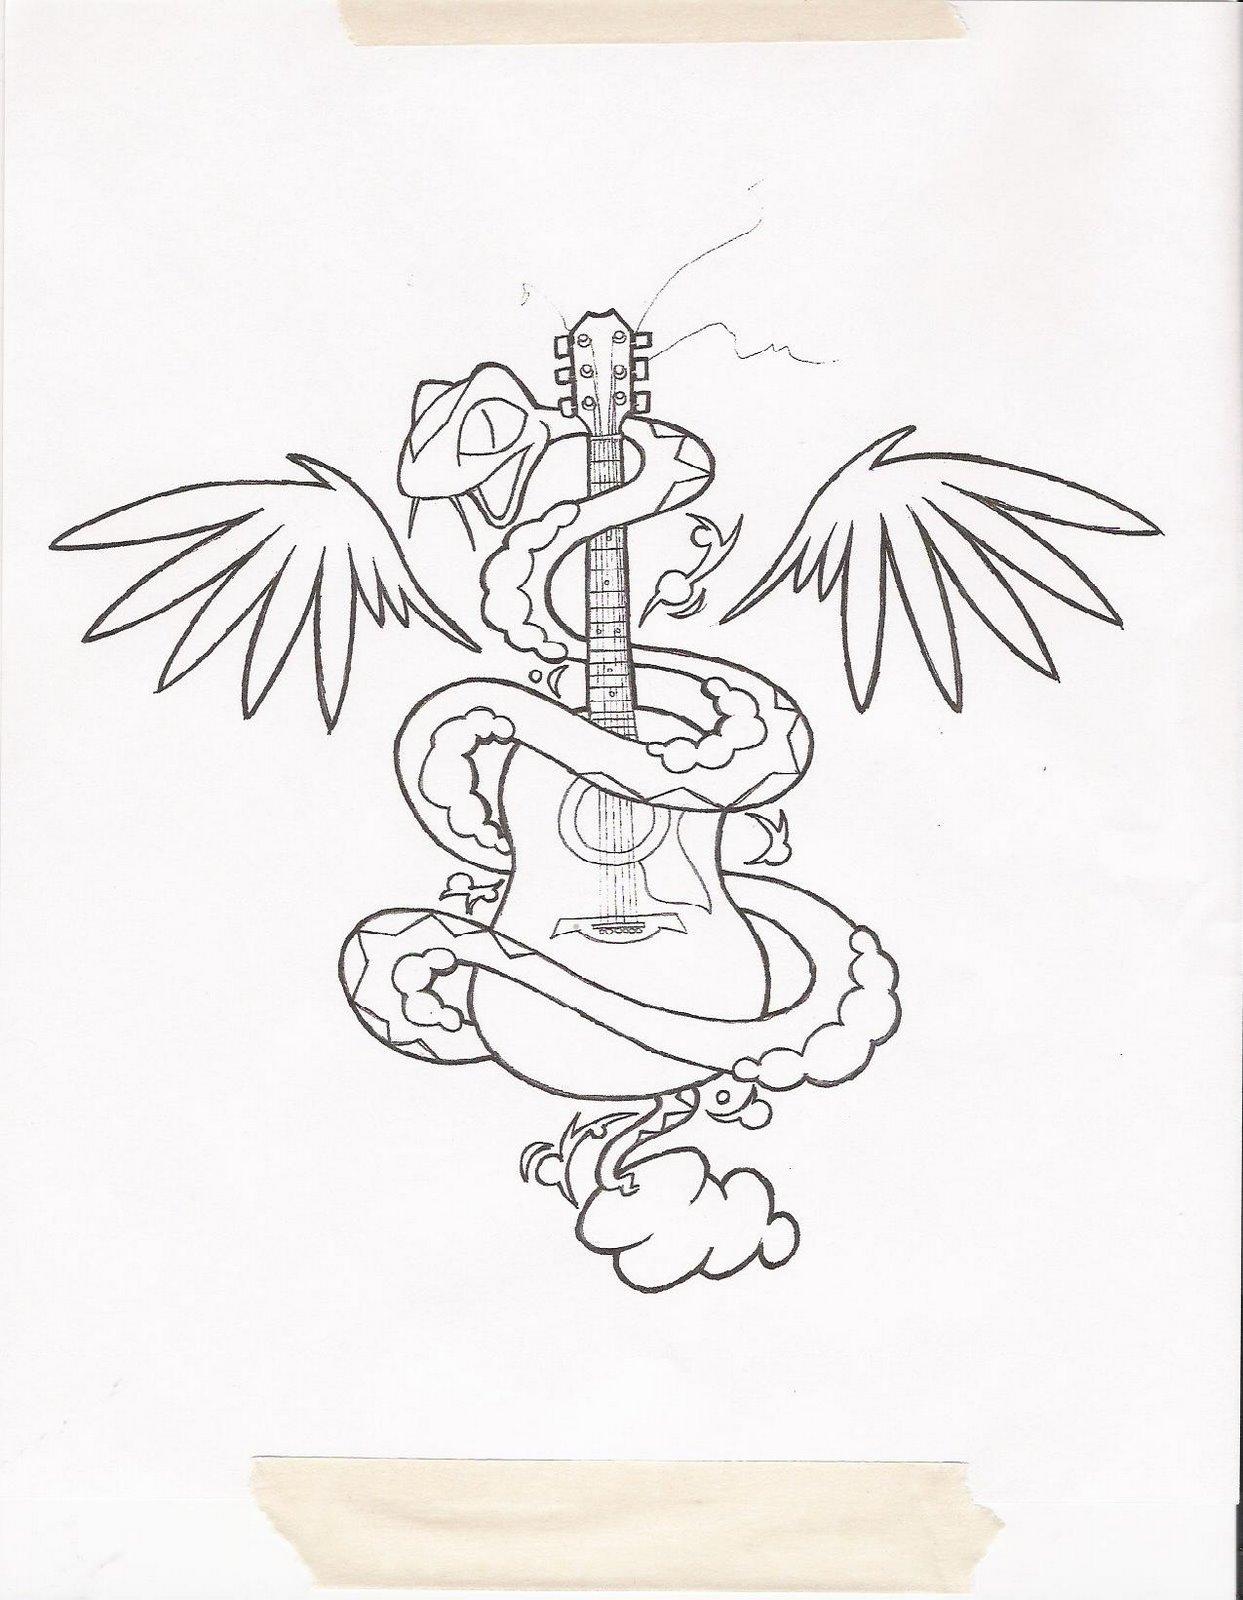 [snake]